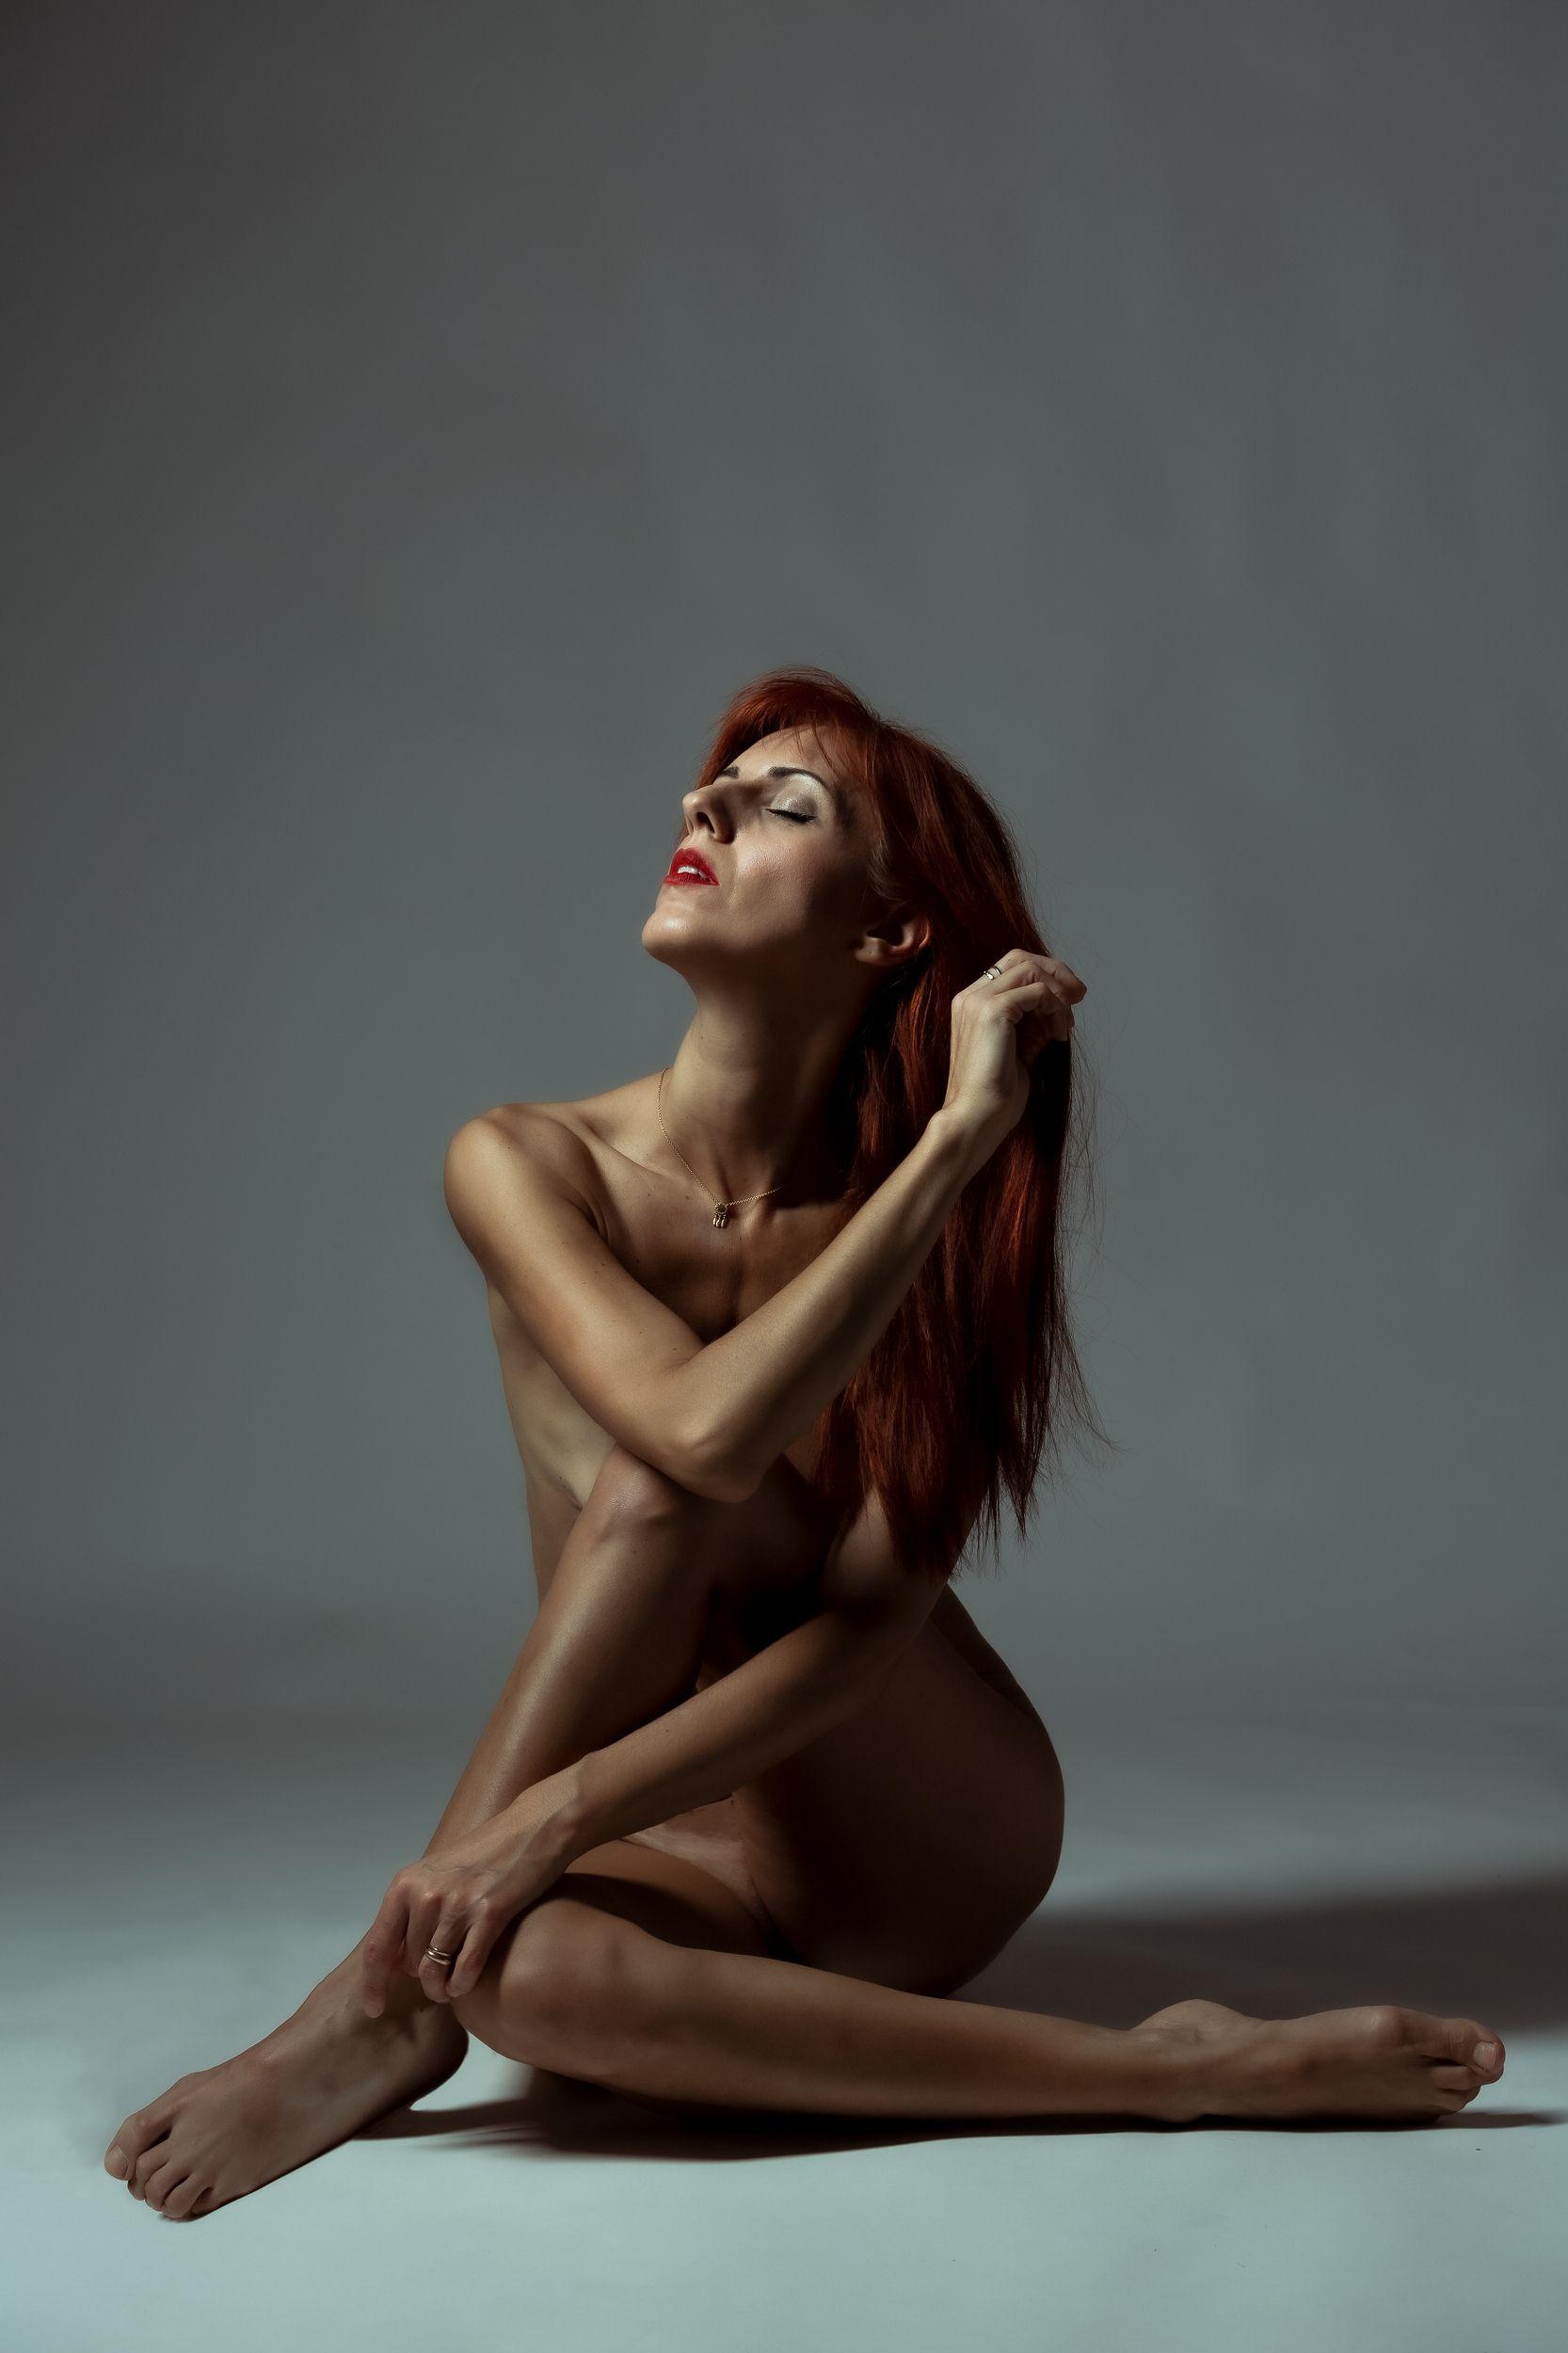 , espressive photography